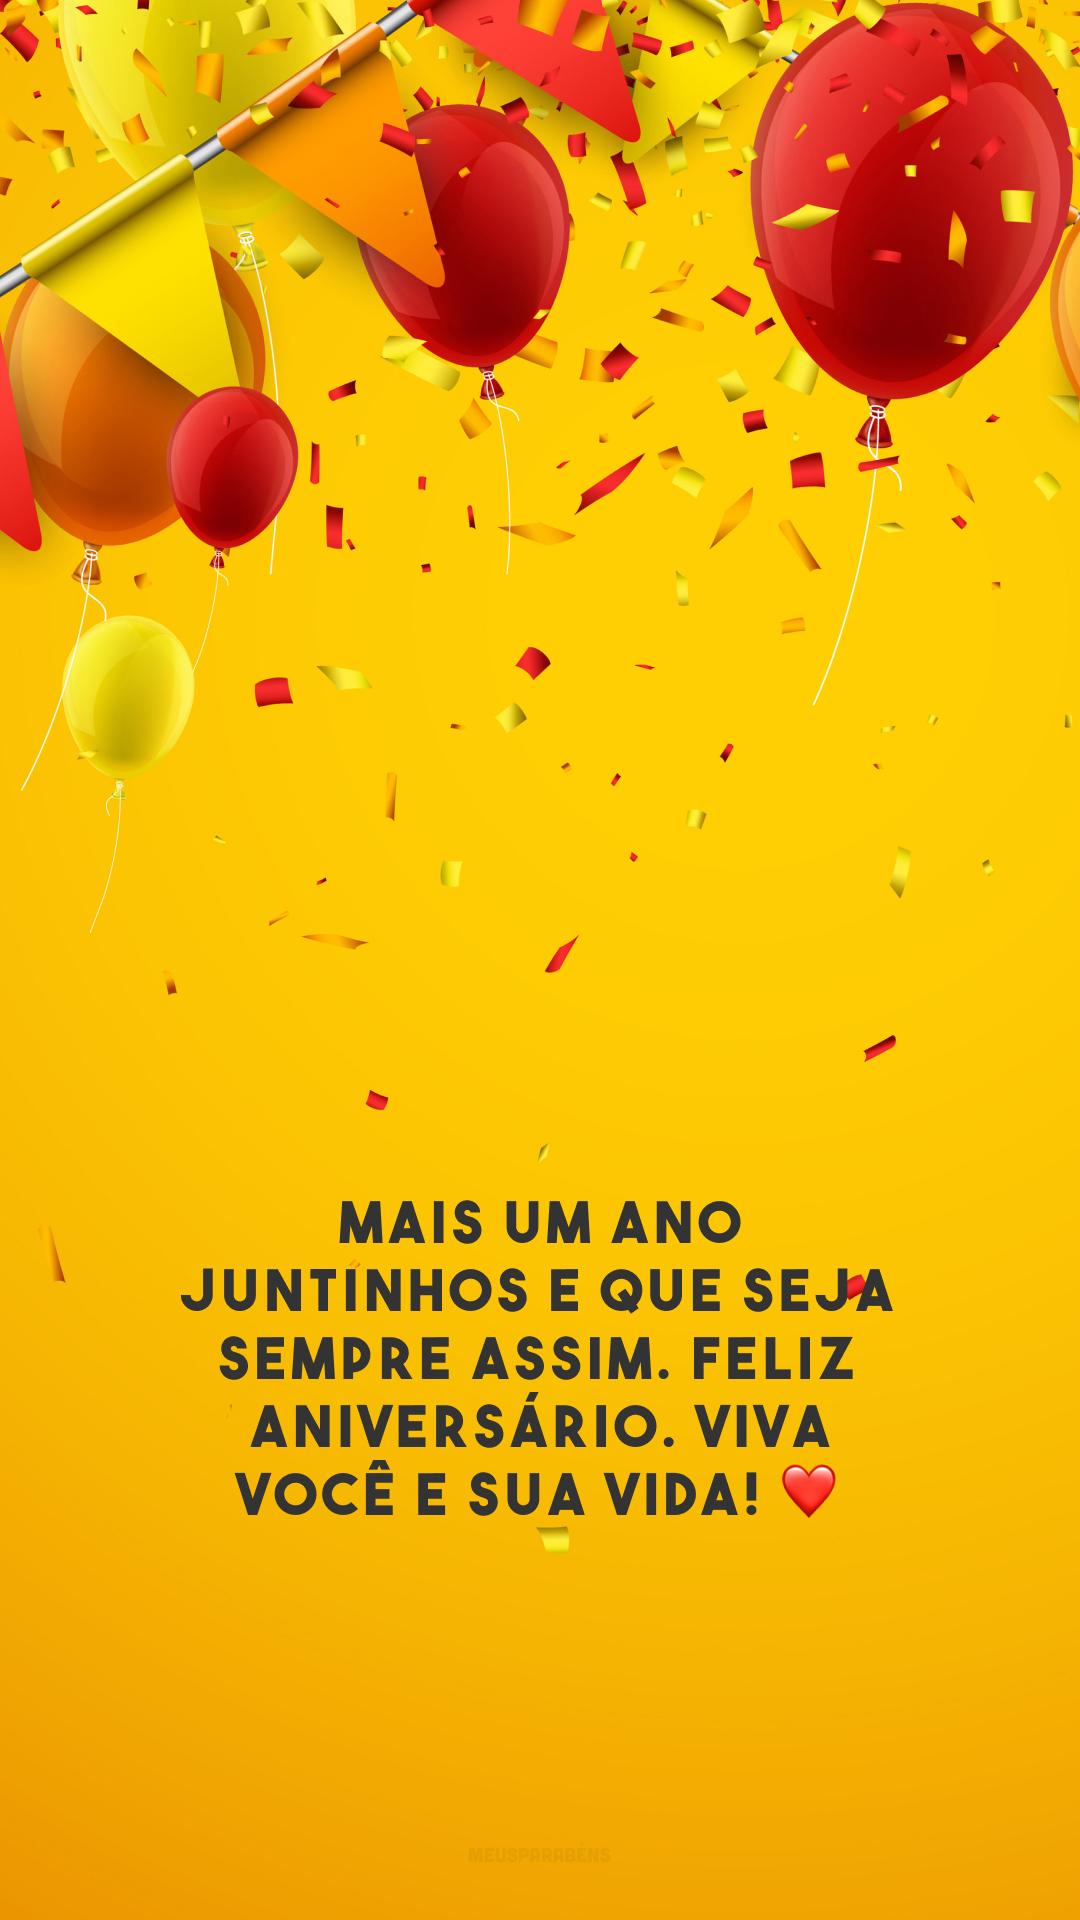 Mais um ano juntinhos e que seja sempre assim. Feliz aniversário. Viva você e sua vida! ❤️